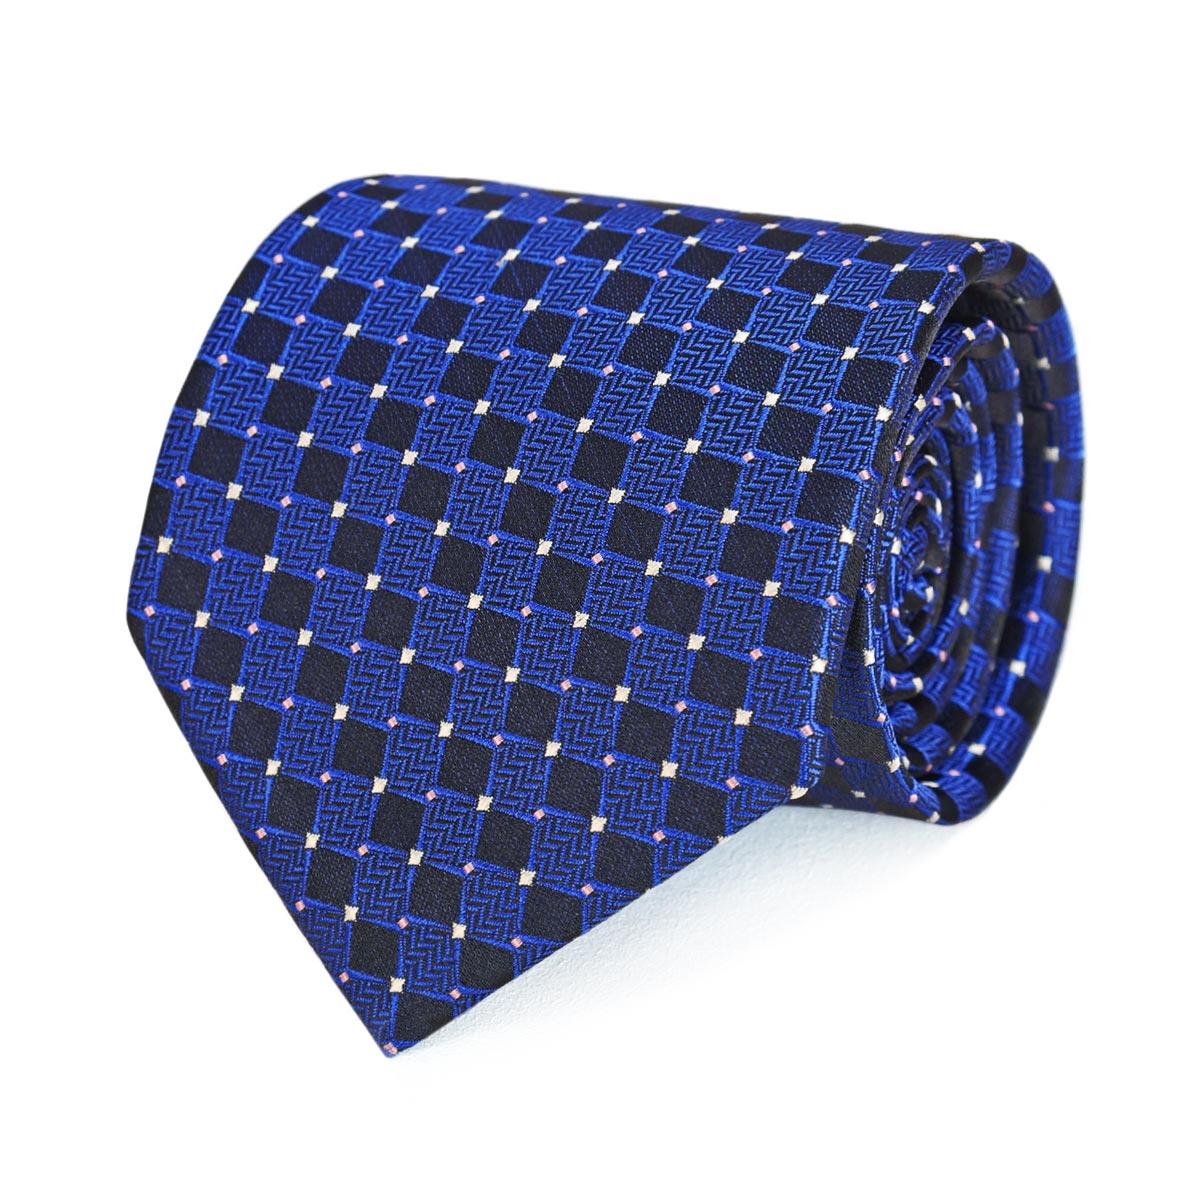 _Cravate-a-carreaux-noir-bleu